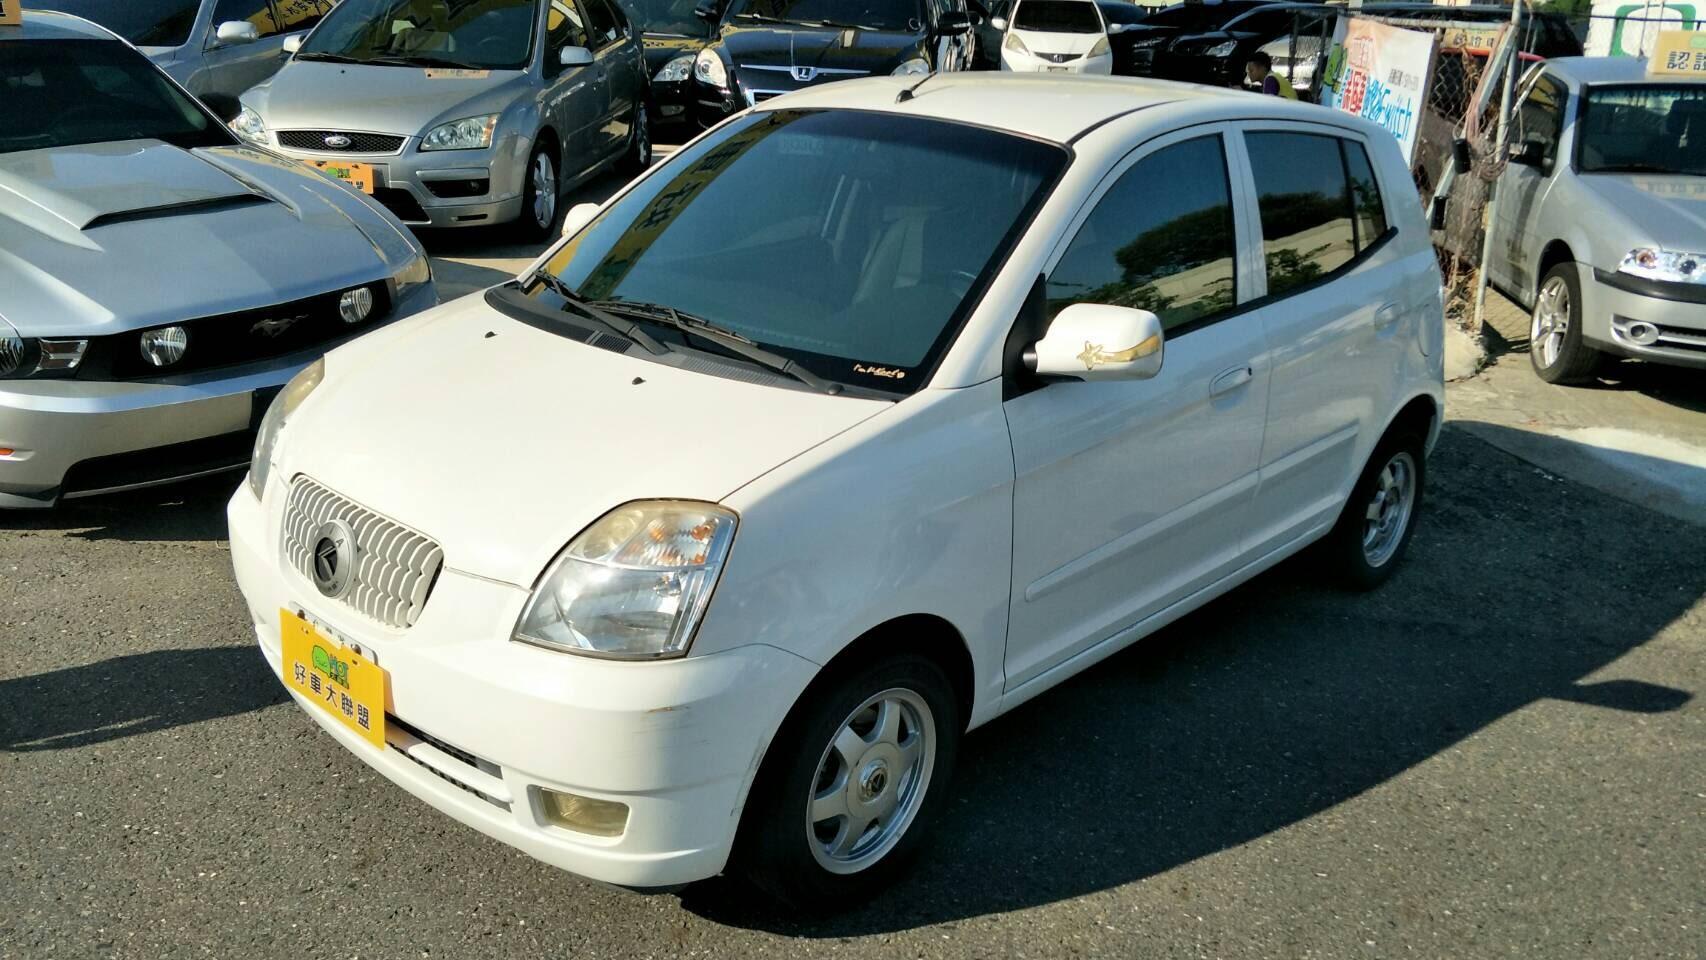 2005 Kia Euro star